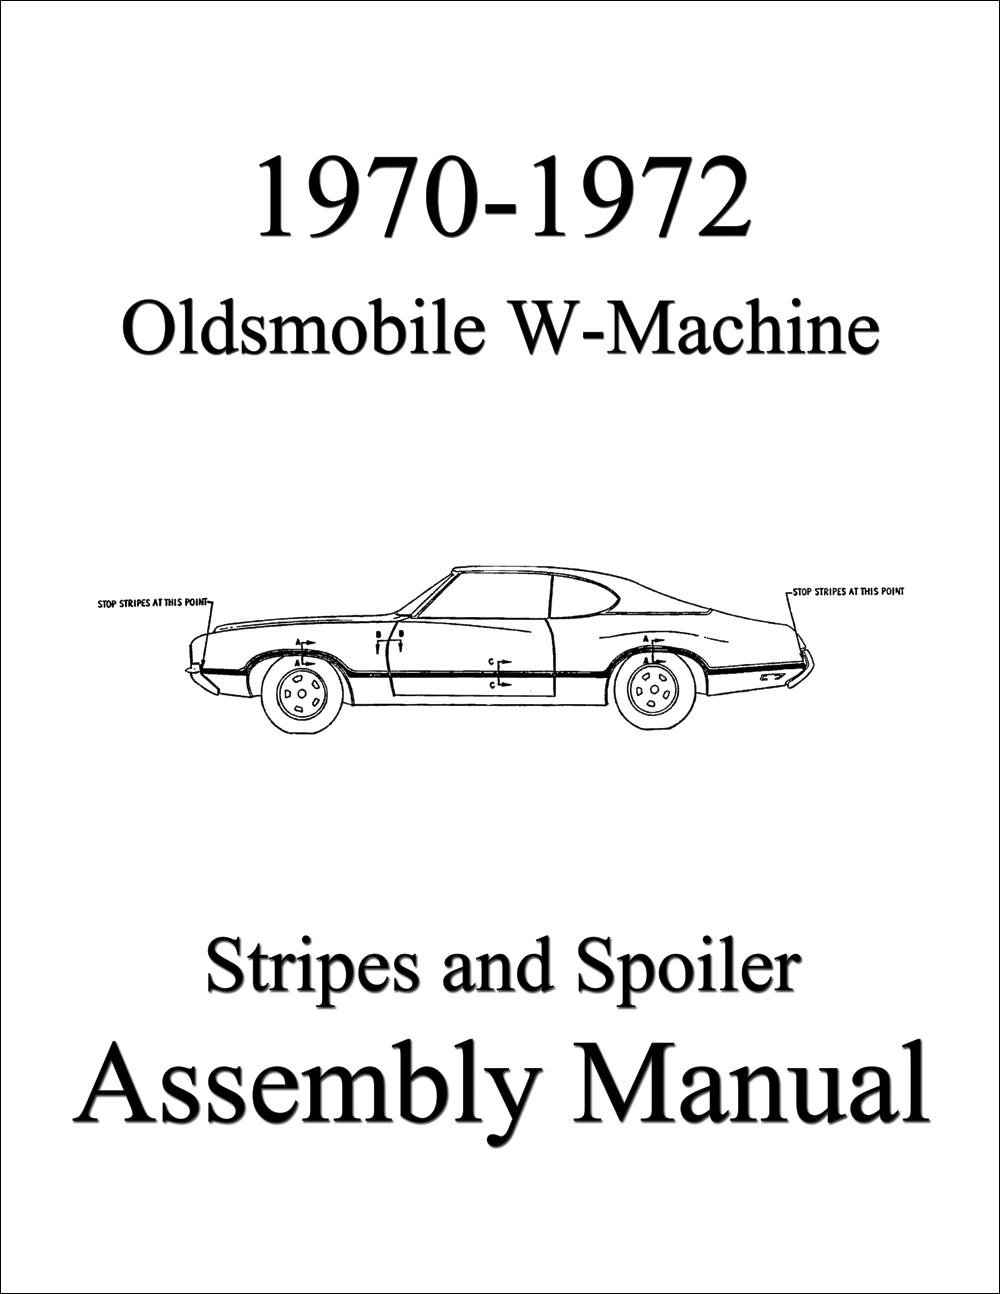 1970 Oldsmobile Repair Shop Manual Original 442/Cutlass/88